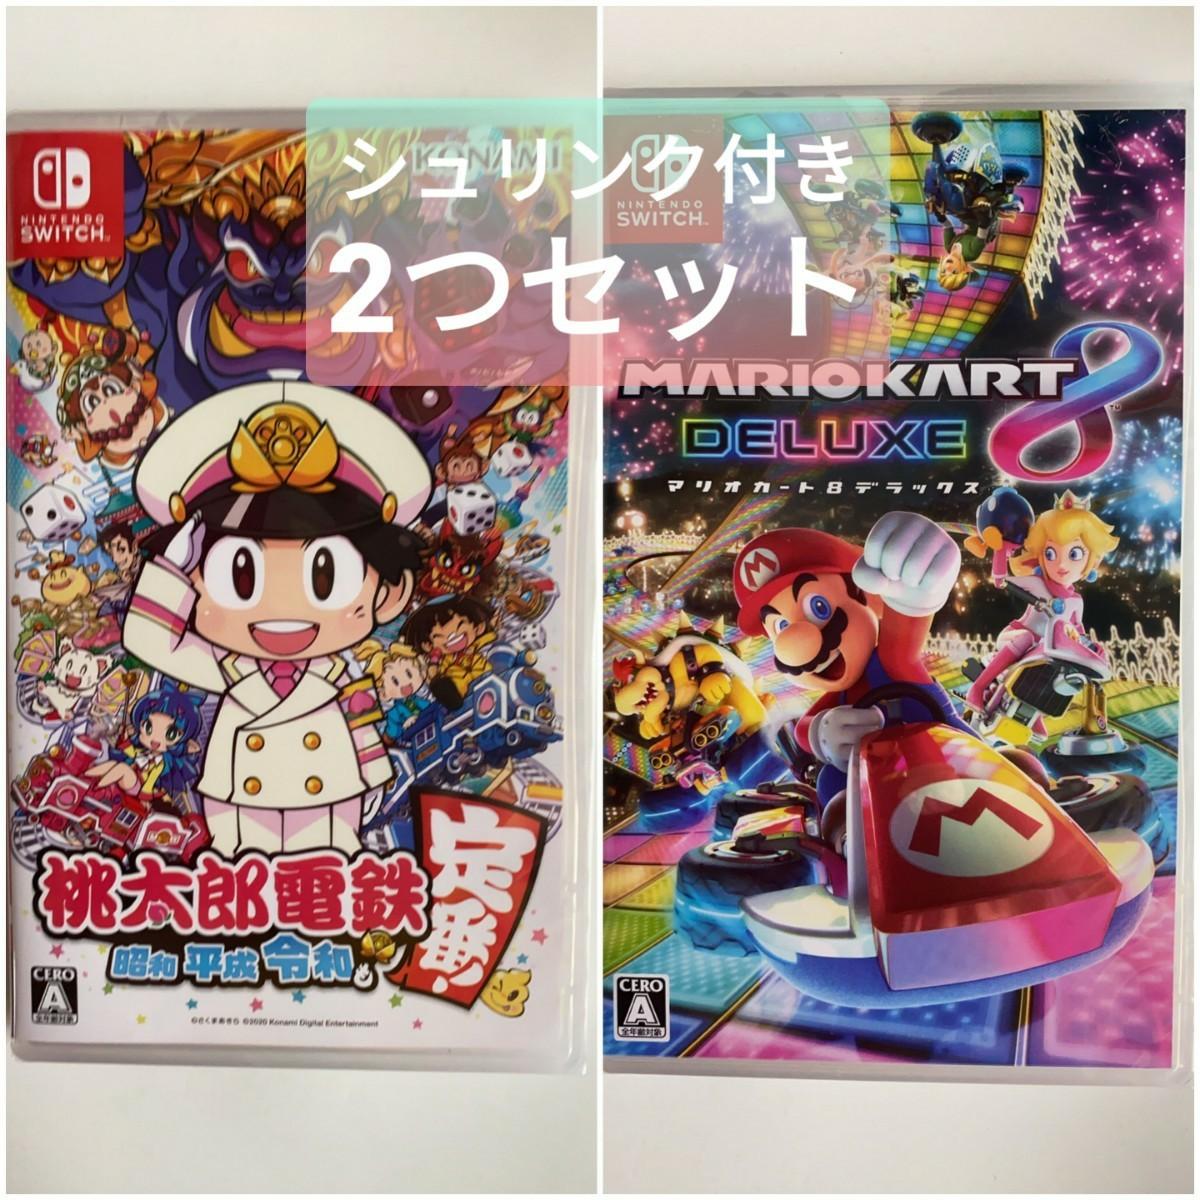 桃太郎電鉄 Switch スイッチ 桃鉄 ソフト マリオカート8デラックス マリオカート8